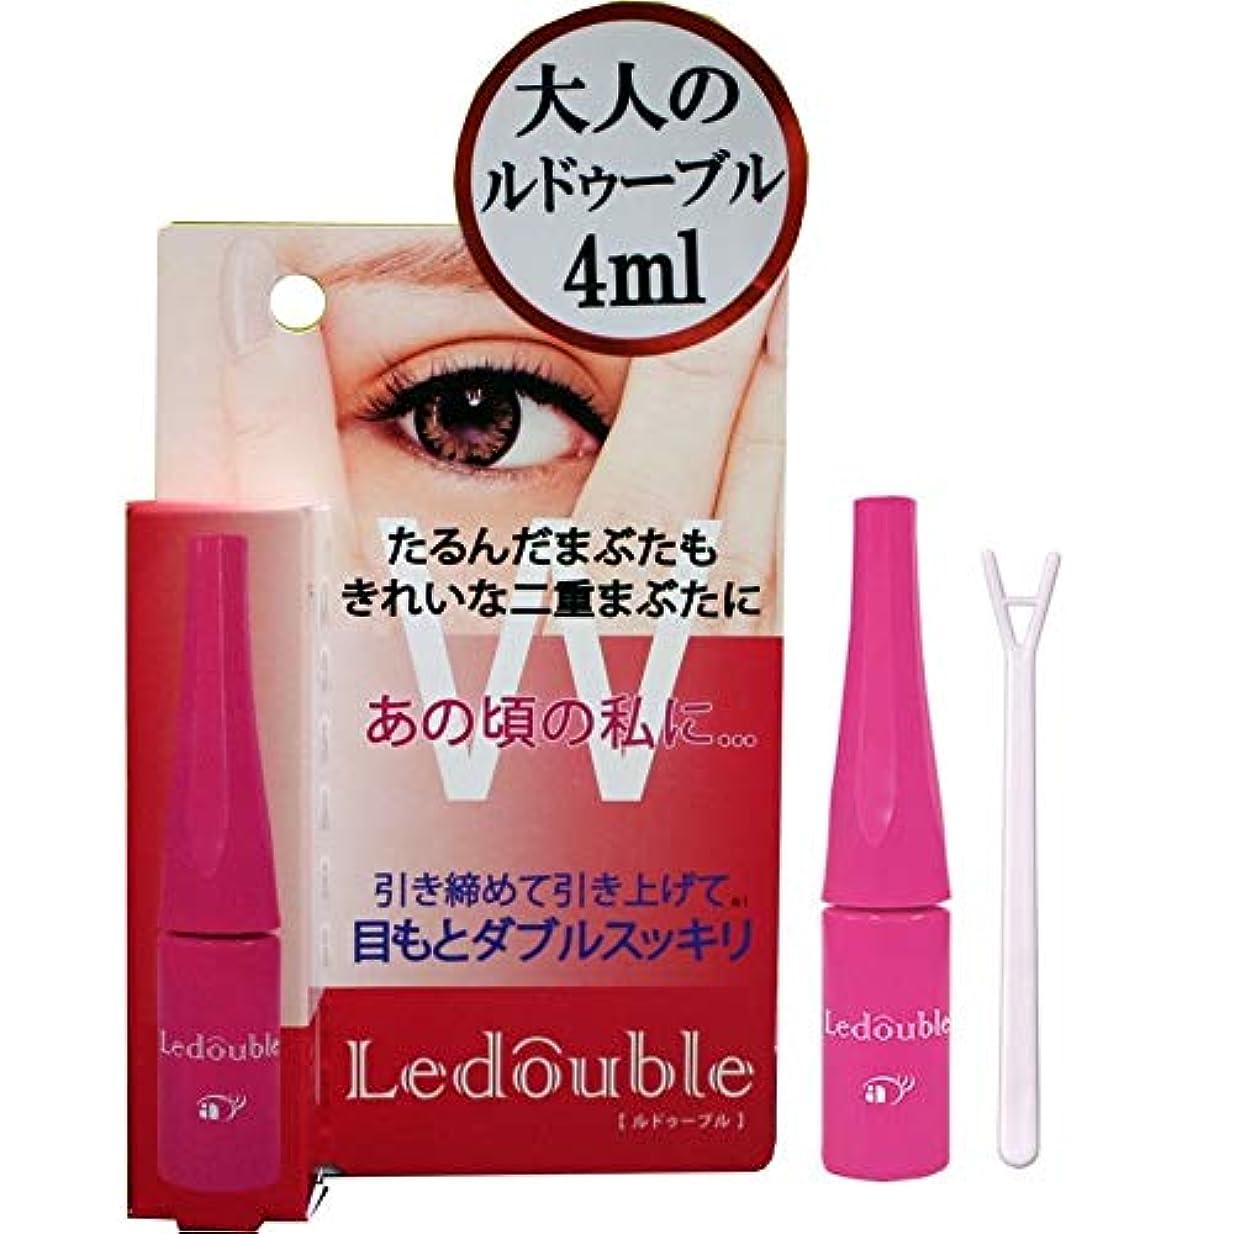 まもなく気付くソフトウェア大人のLedouble [大人のルドゥーブル] 二重まぶた化粧品 (4mL)